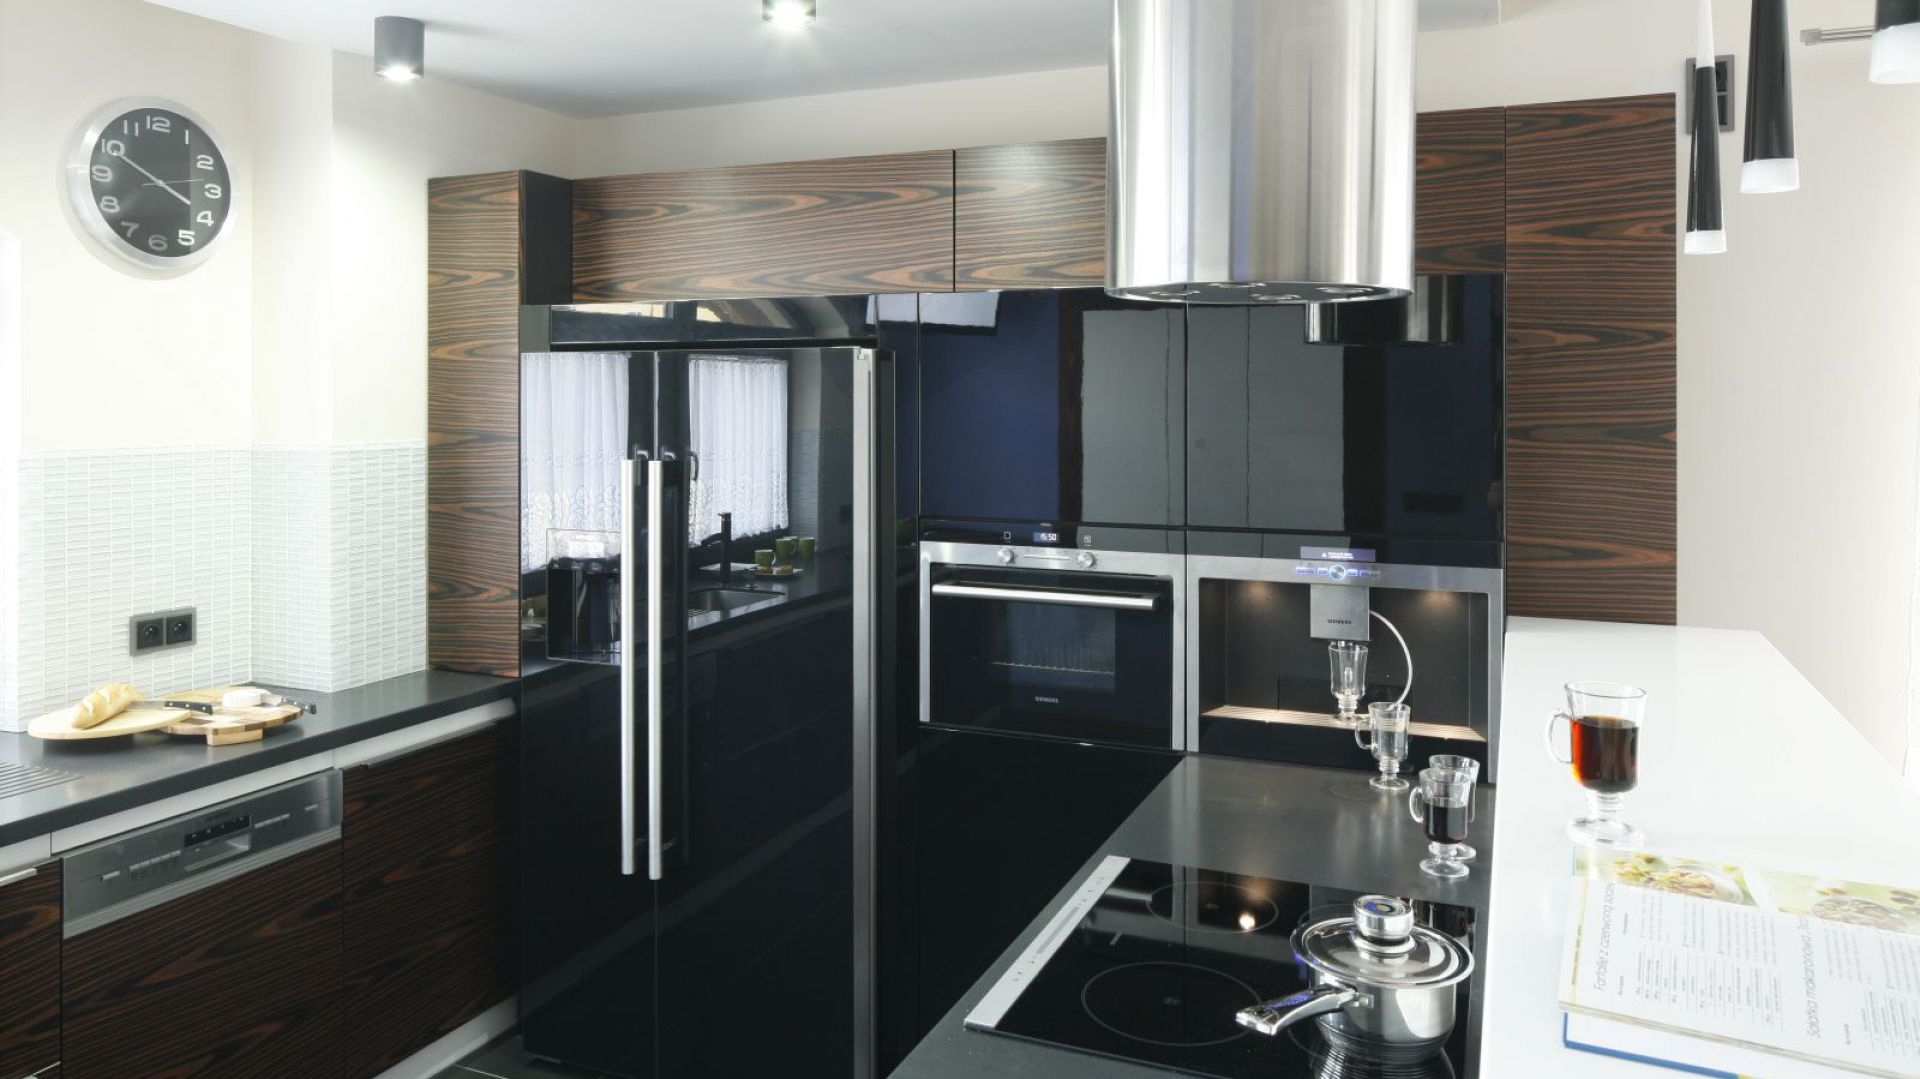 Czarne, połyskujące powierzchnie sprzętów kuchennych podkreślają nowoczesny charakter wnętrza. Projekt: Marta Kilan. Fot. Bartosz Jarosz.